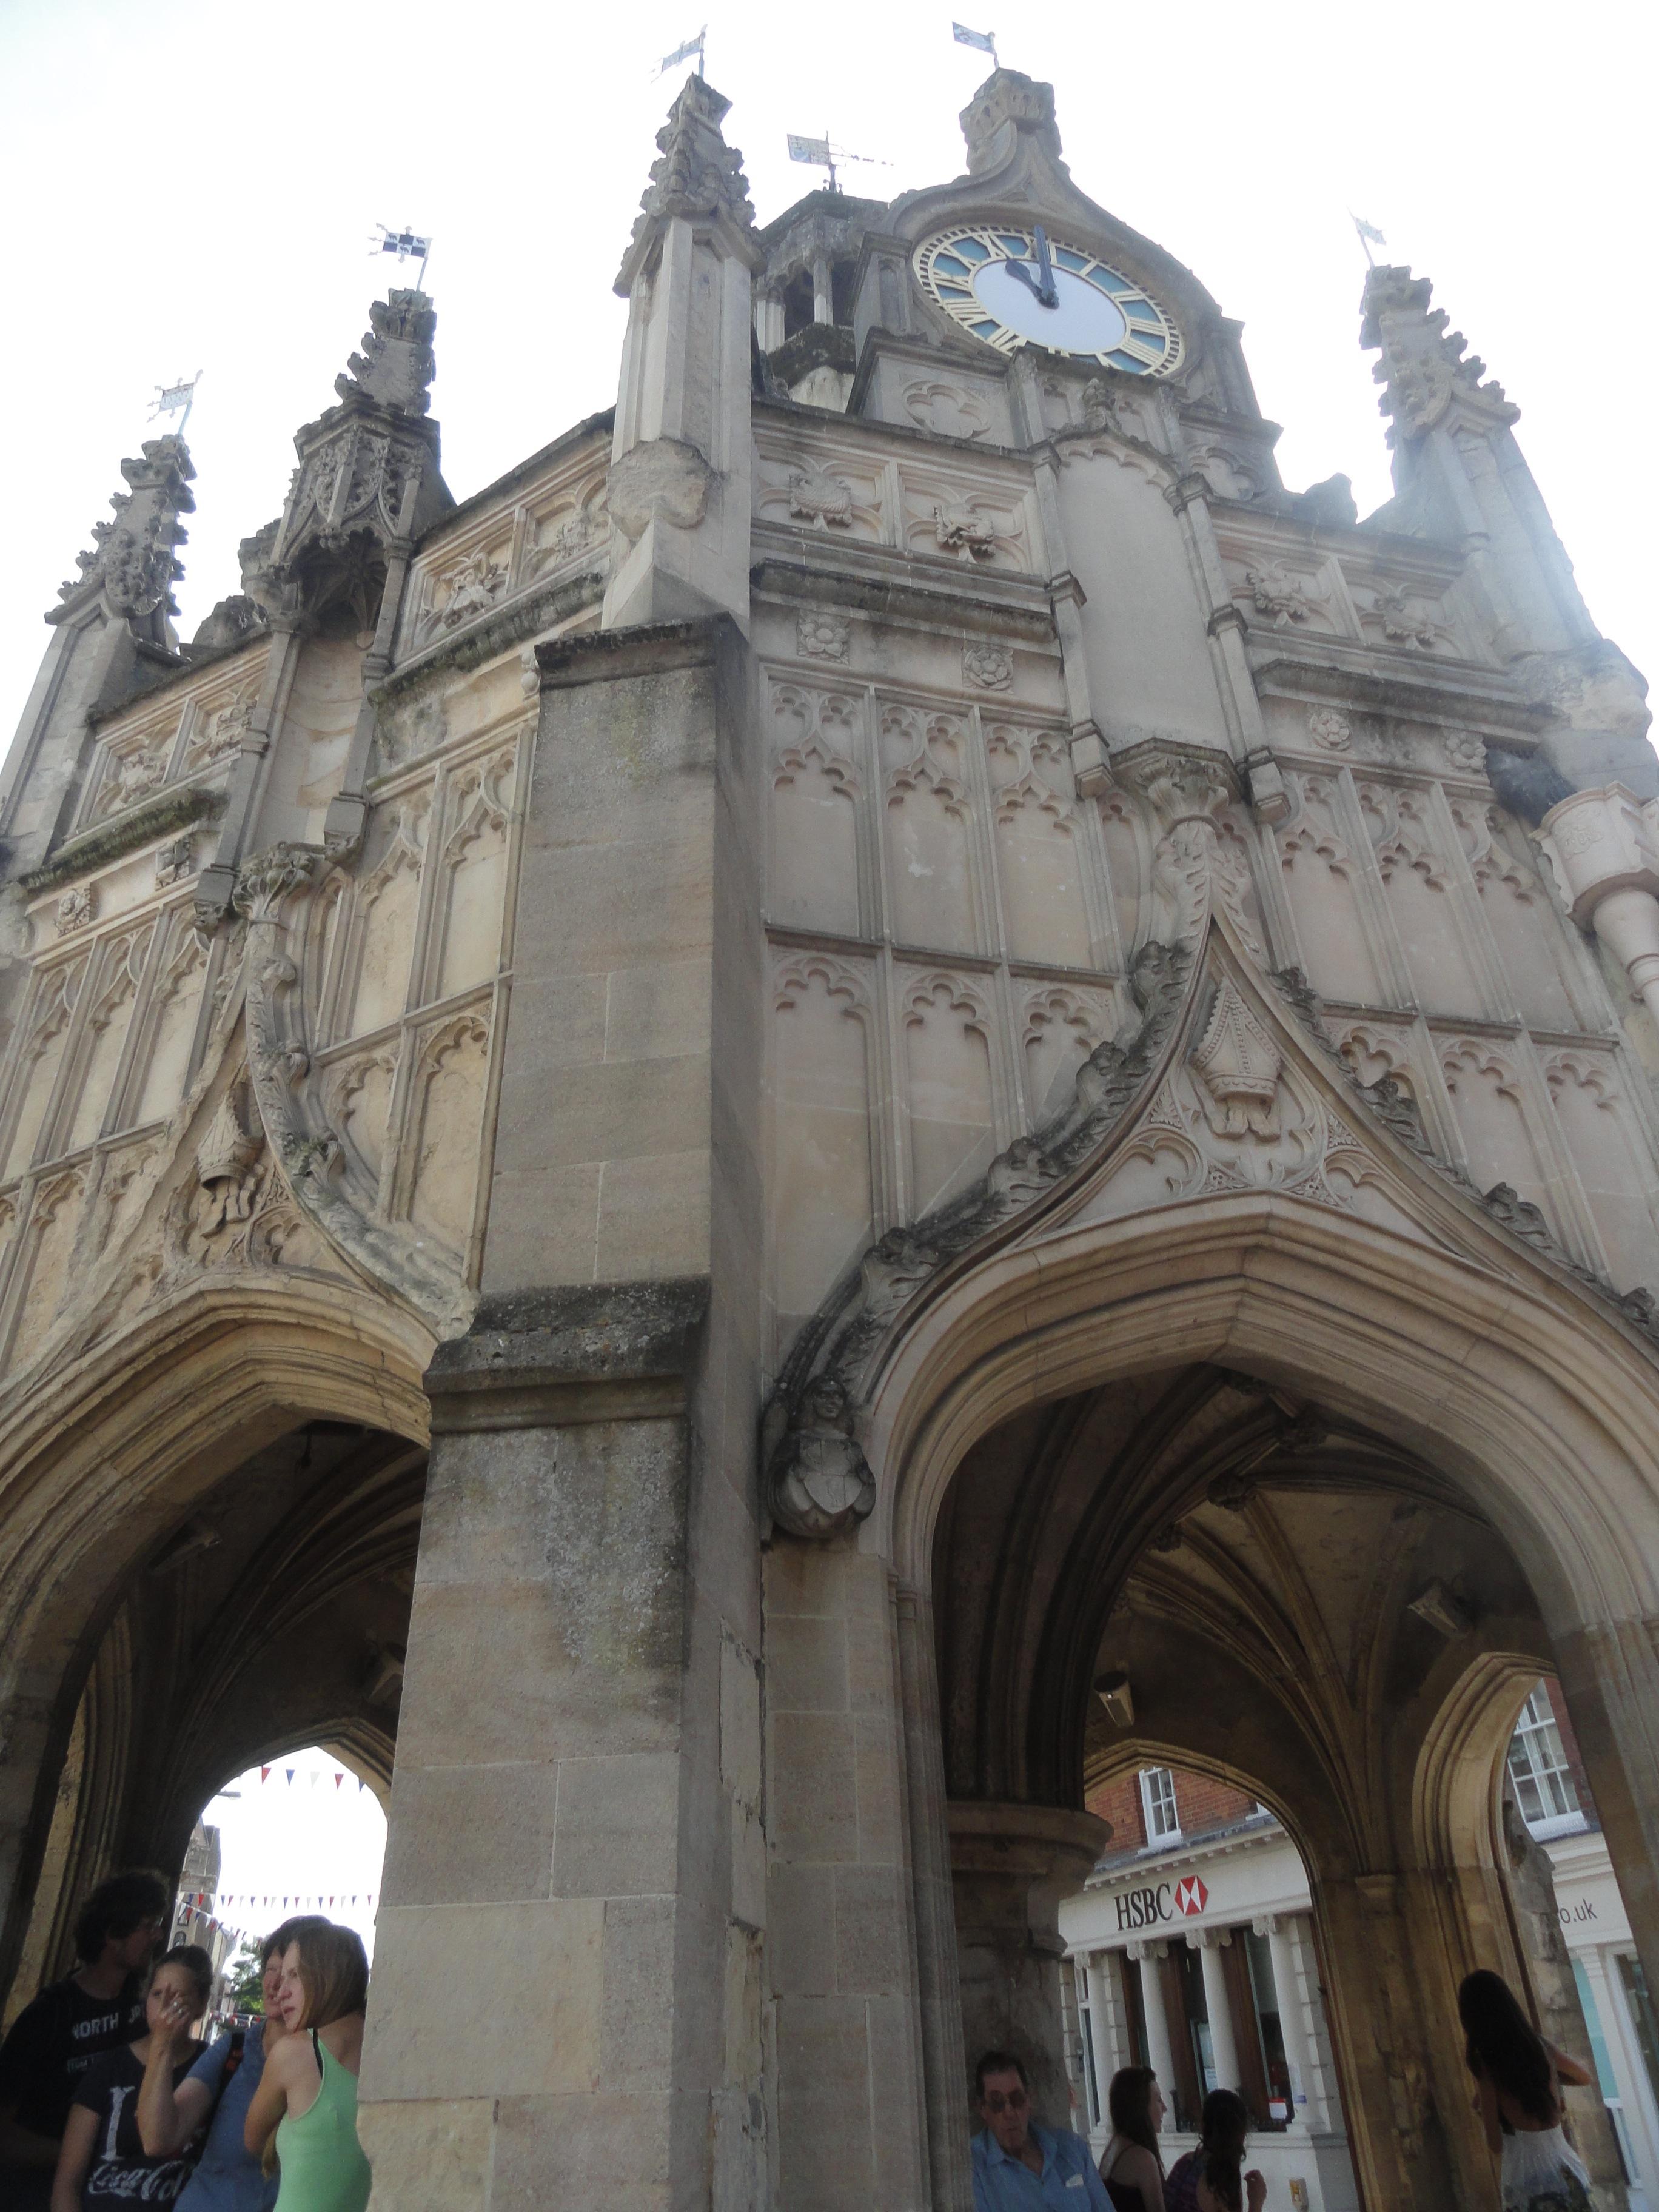 market square clock in Chichester